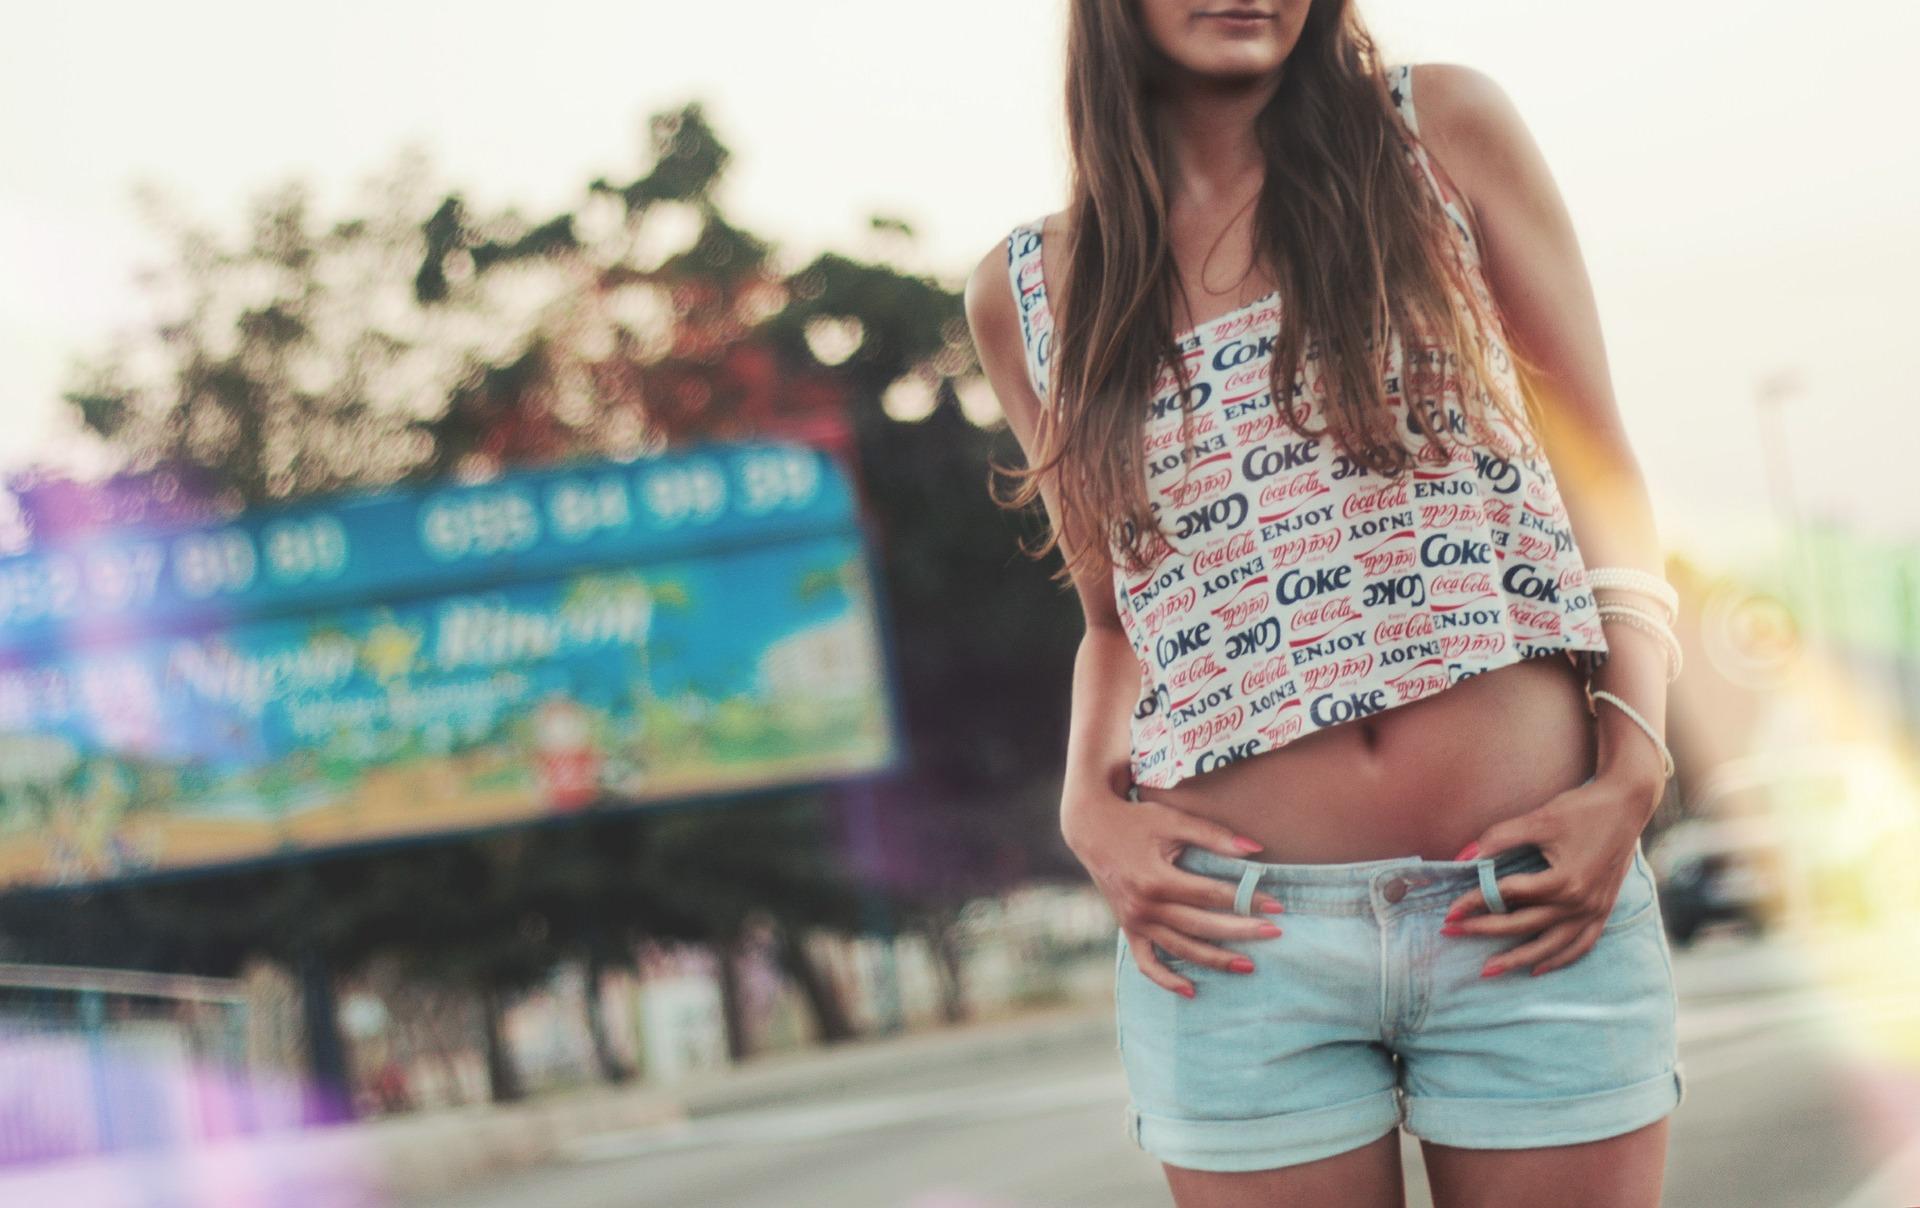 Come indossare le magliette divertenti ? Alcuni consigli di stile per realizzare outfit giornalieri estivi